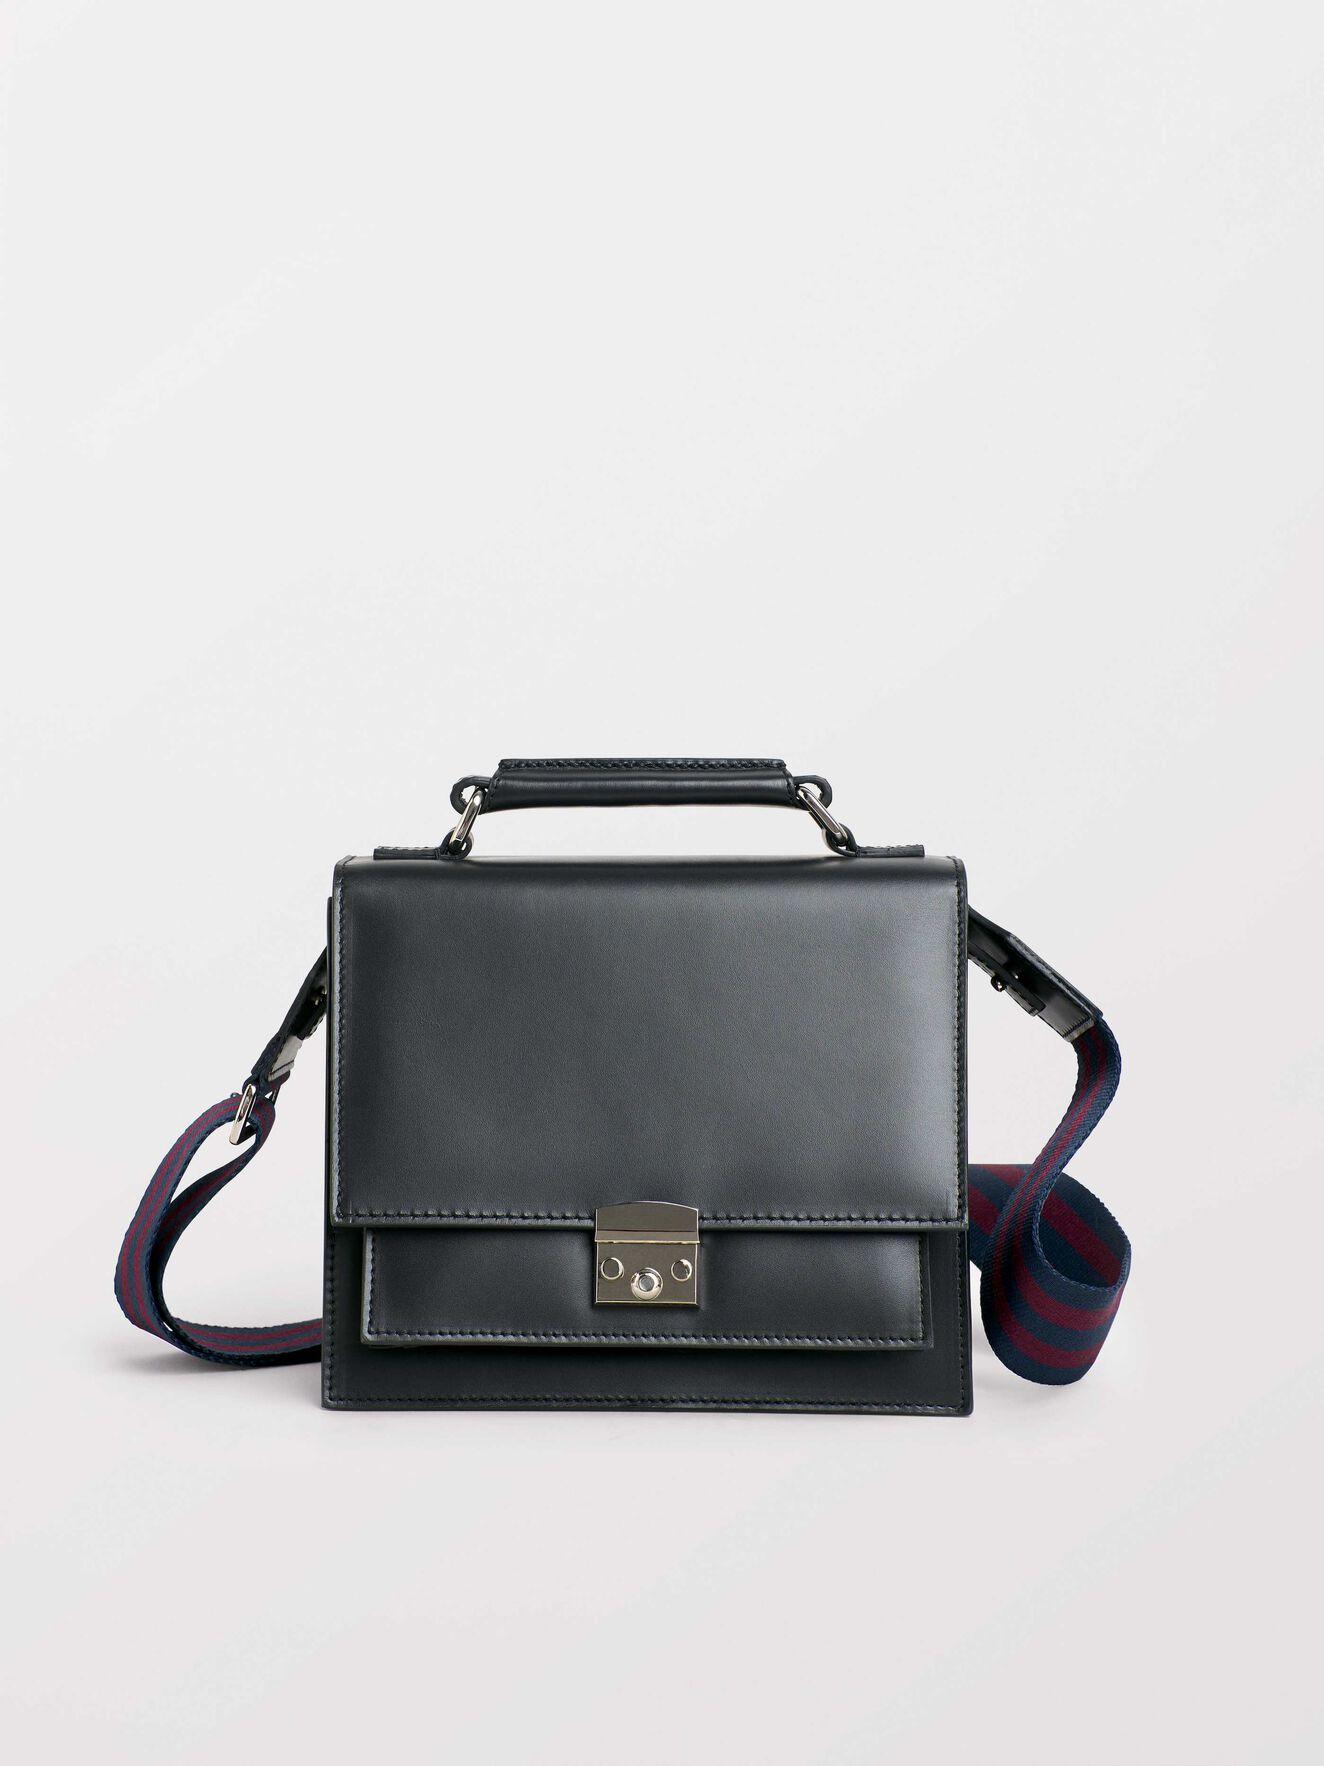 04eb0457c1f99 Bags - Shop our extensive bag range online at Tiger of Sweden